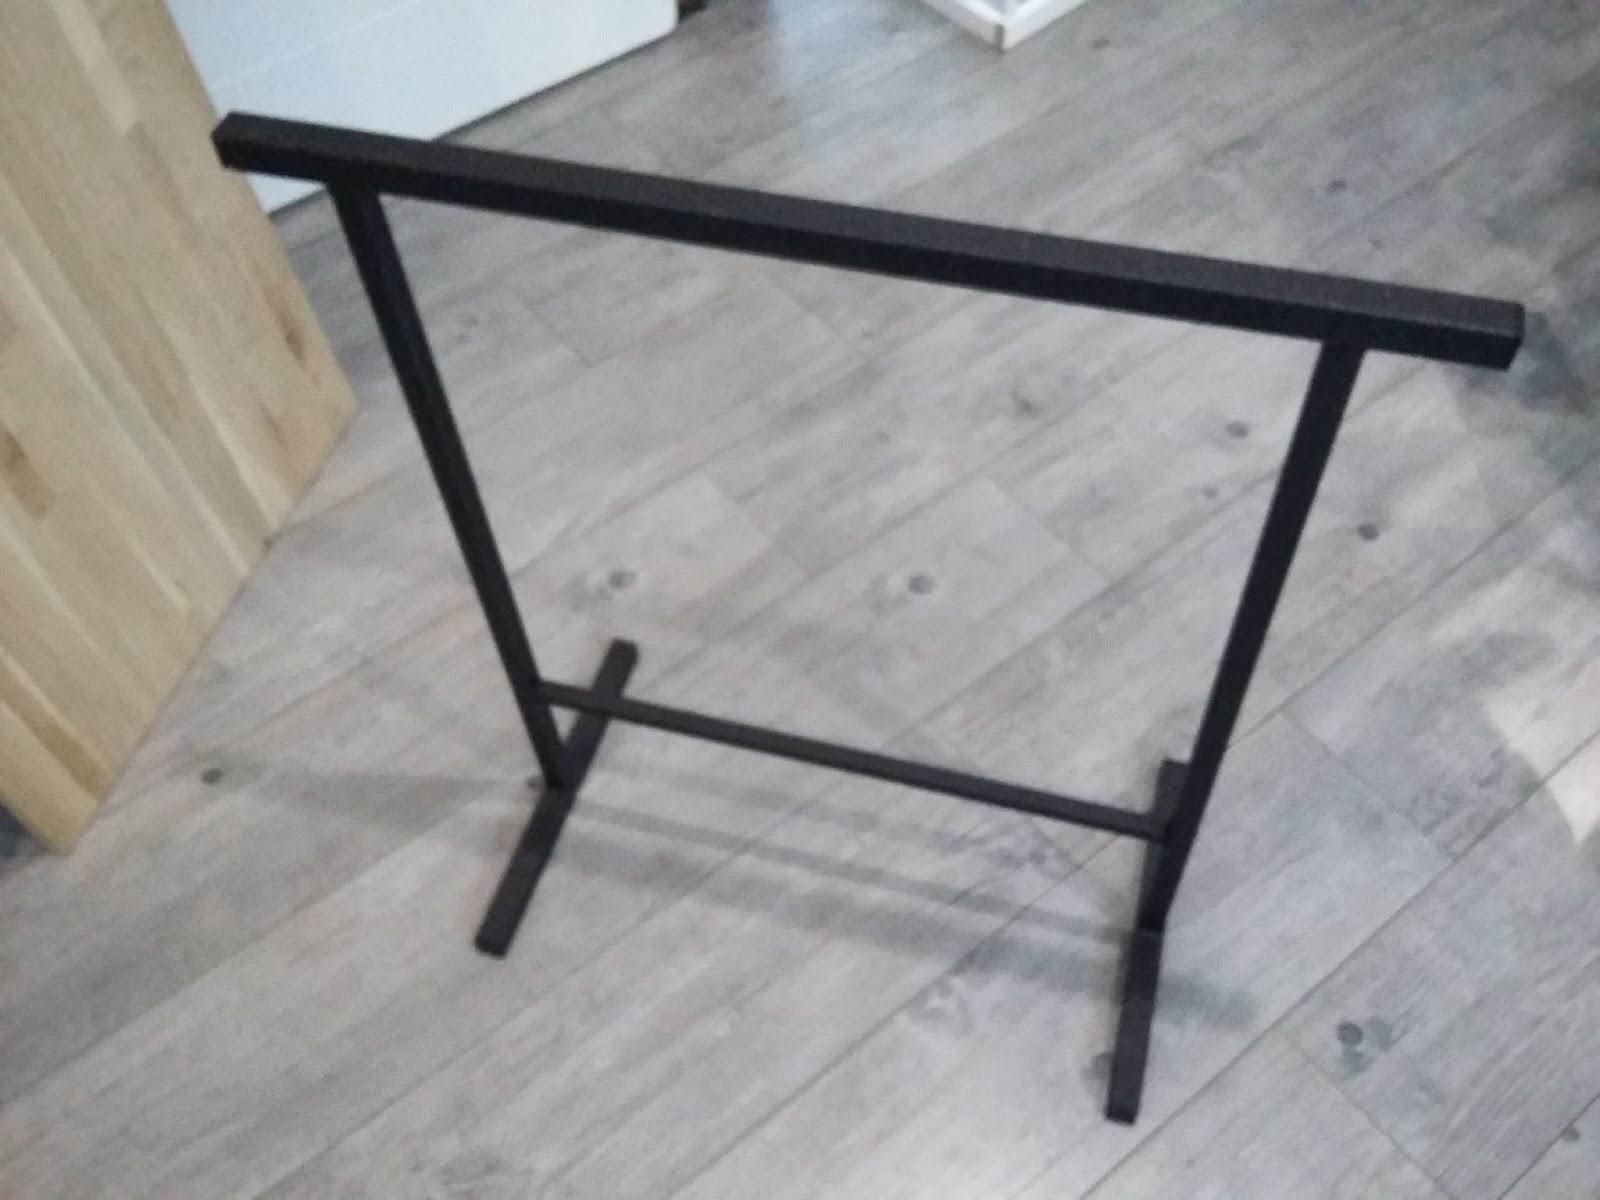 fabriquer un bureau style industriel d co bureau fabriquer fabriquer un bureau un bureau osb. Black Bedroom Furniture Sets. Home Design Ideas